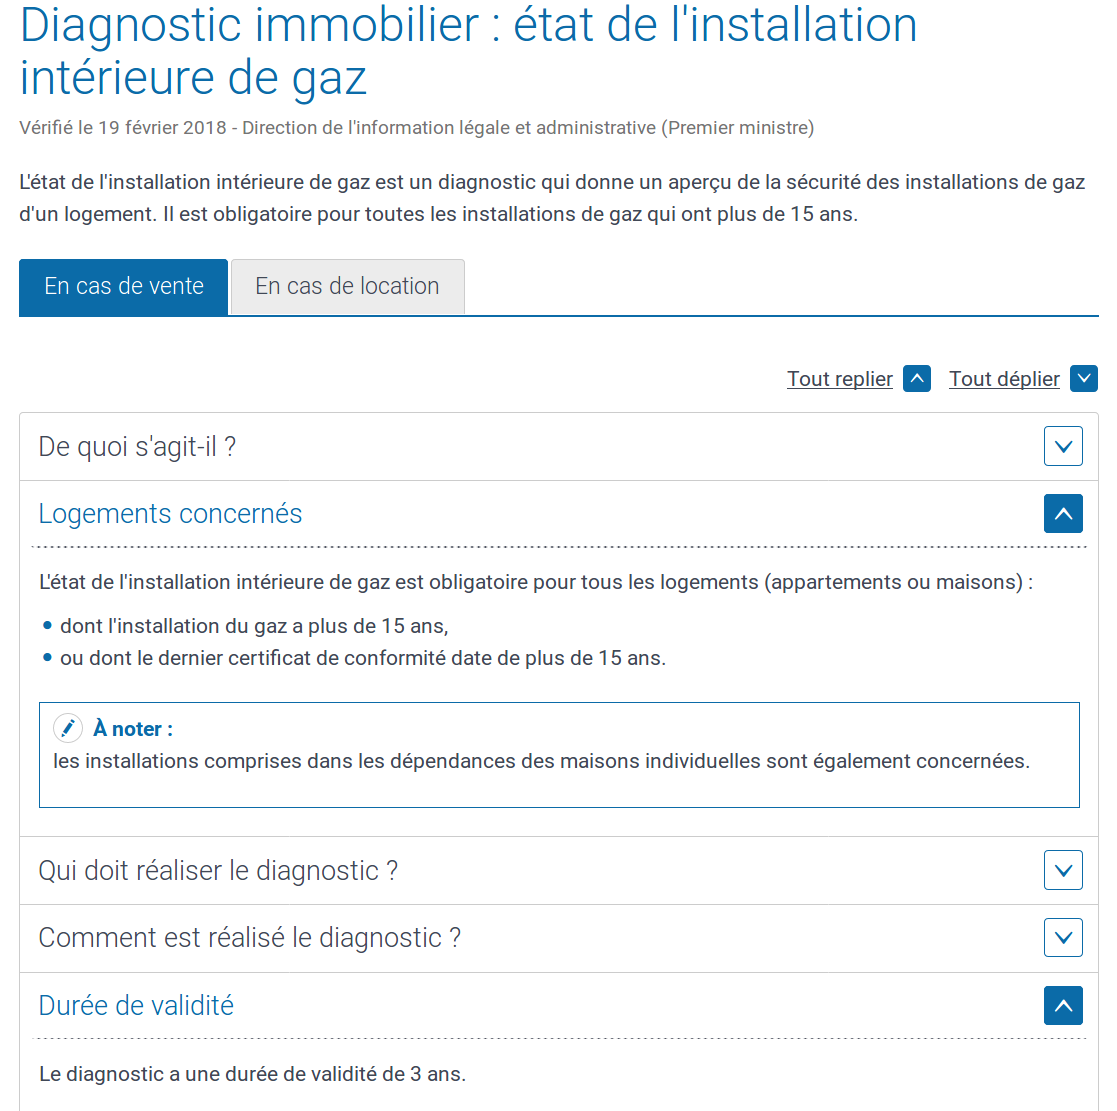 Etat de l'installation intérieure de gaz obligatoire en cas de vente